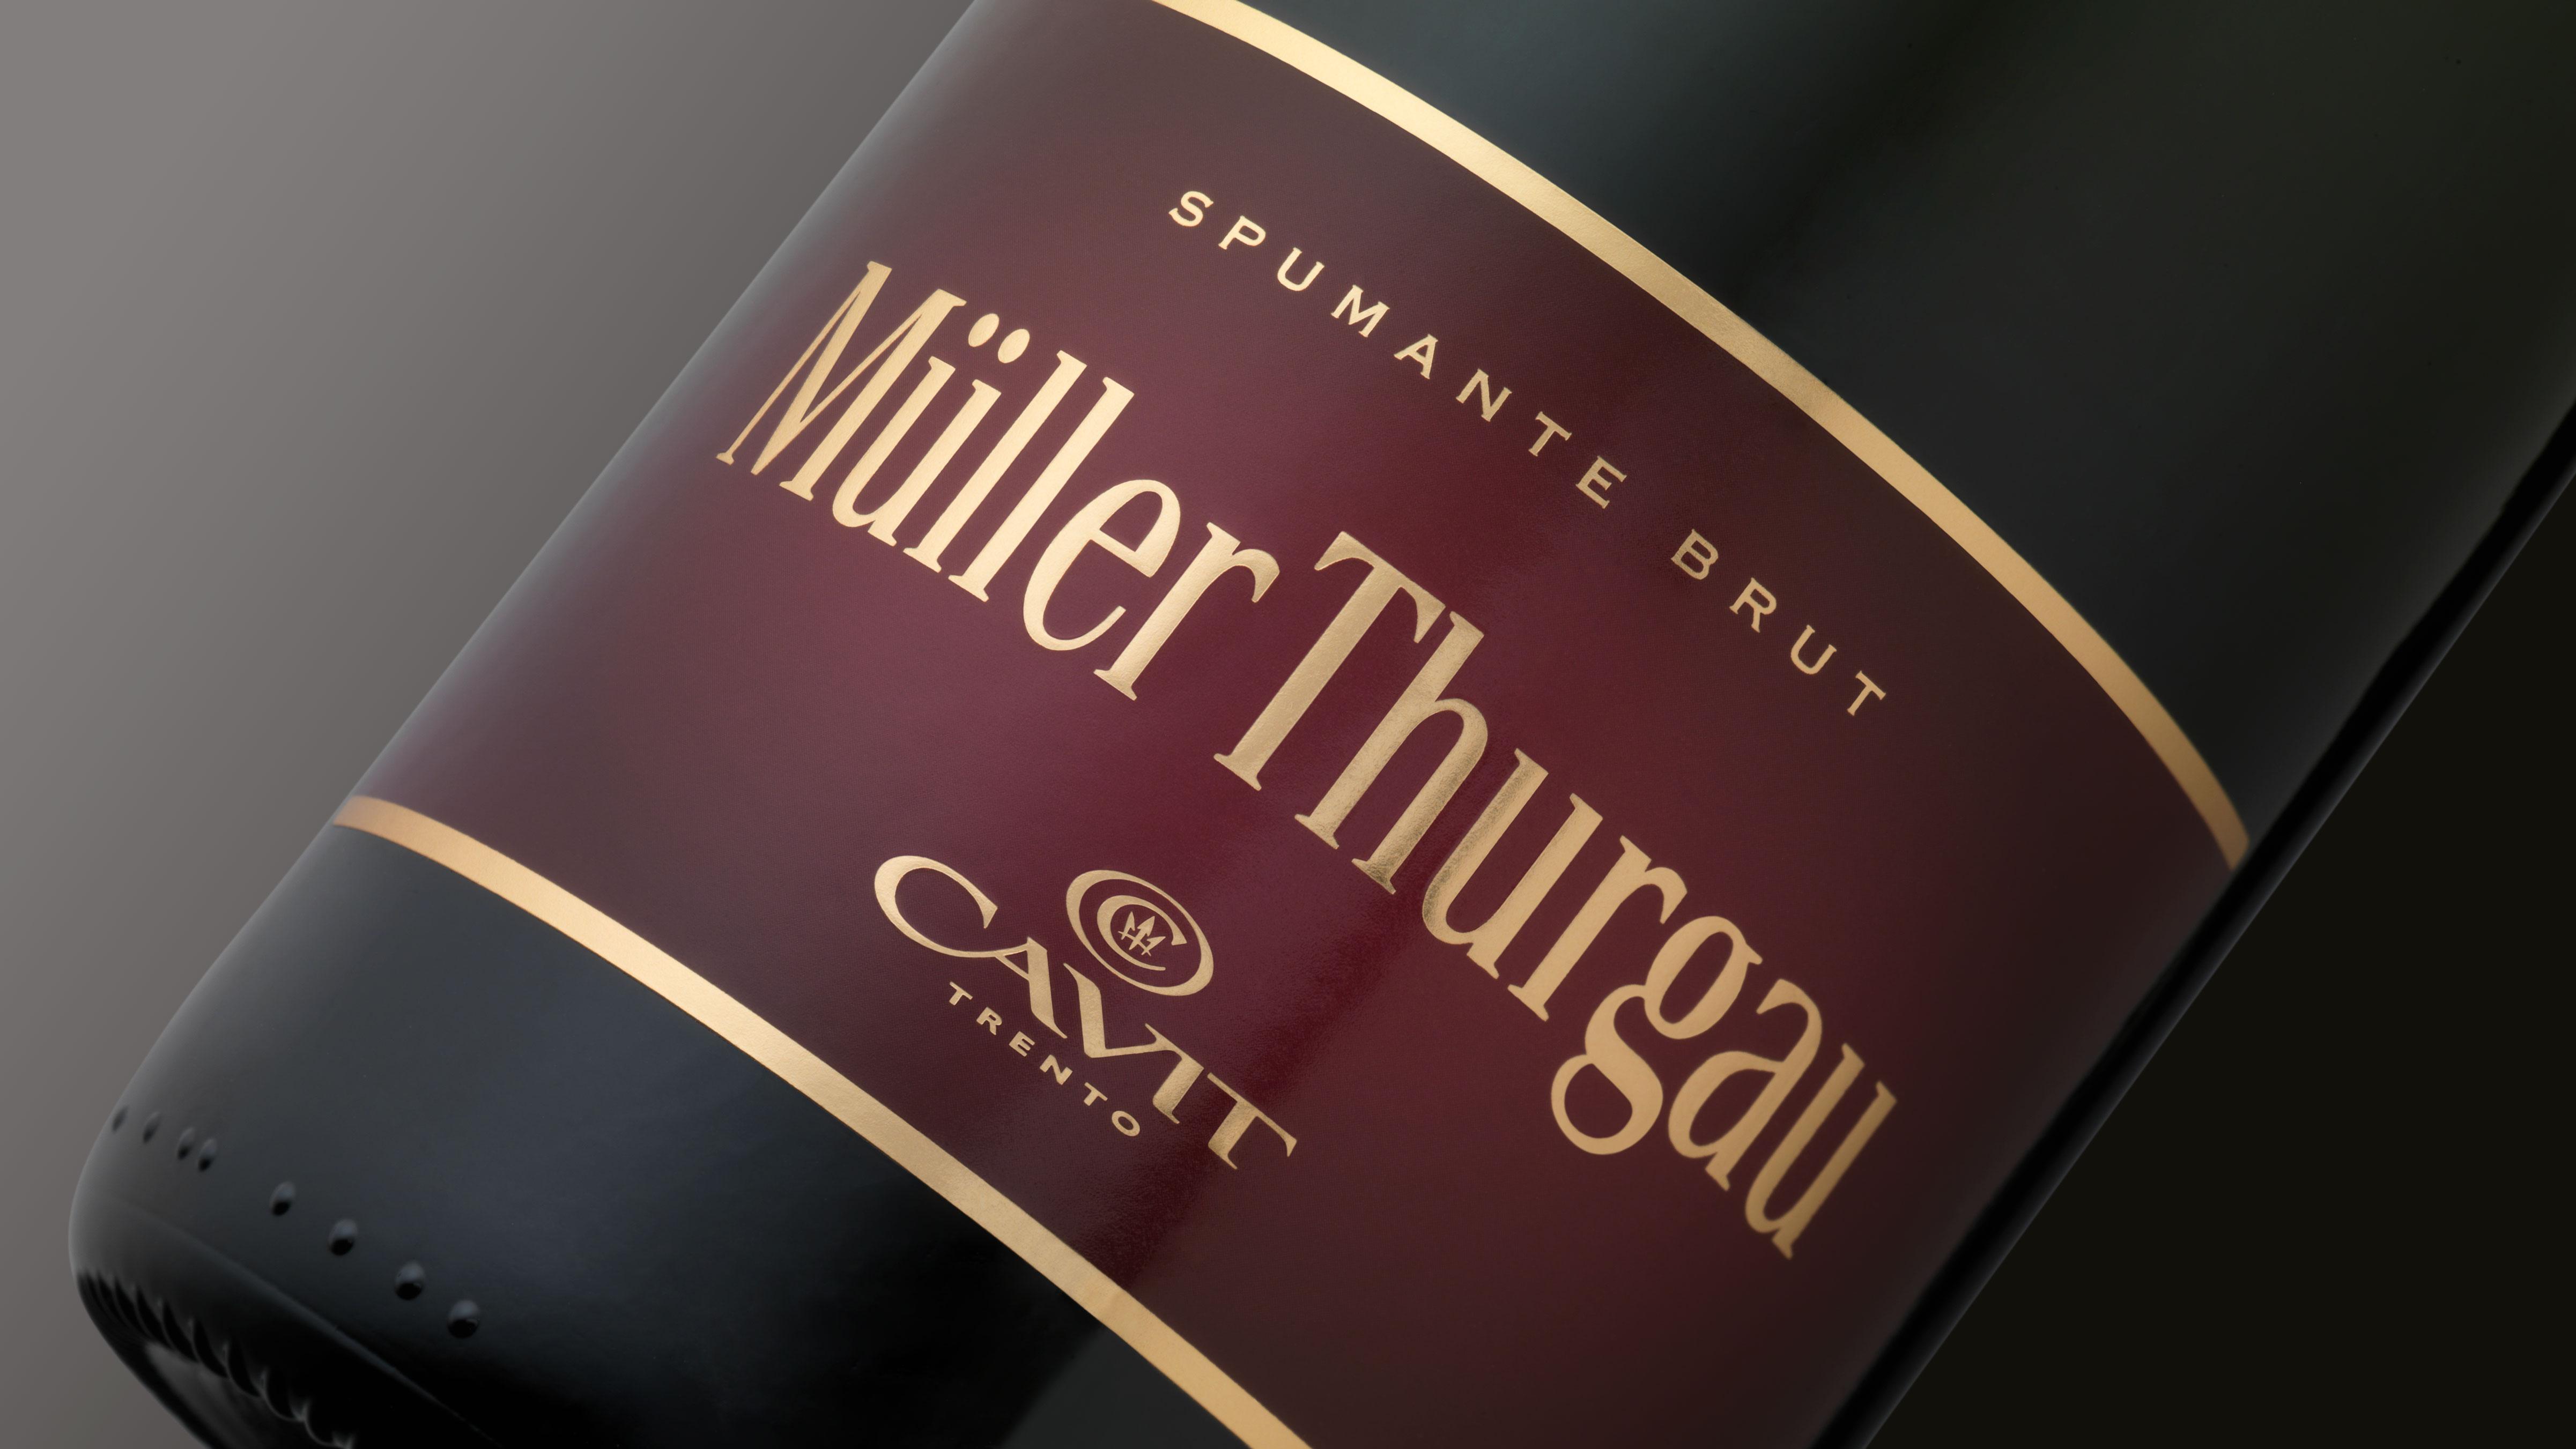 Cavit Muller thurgau